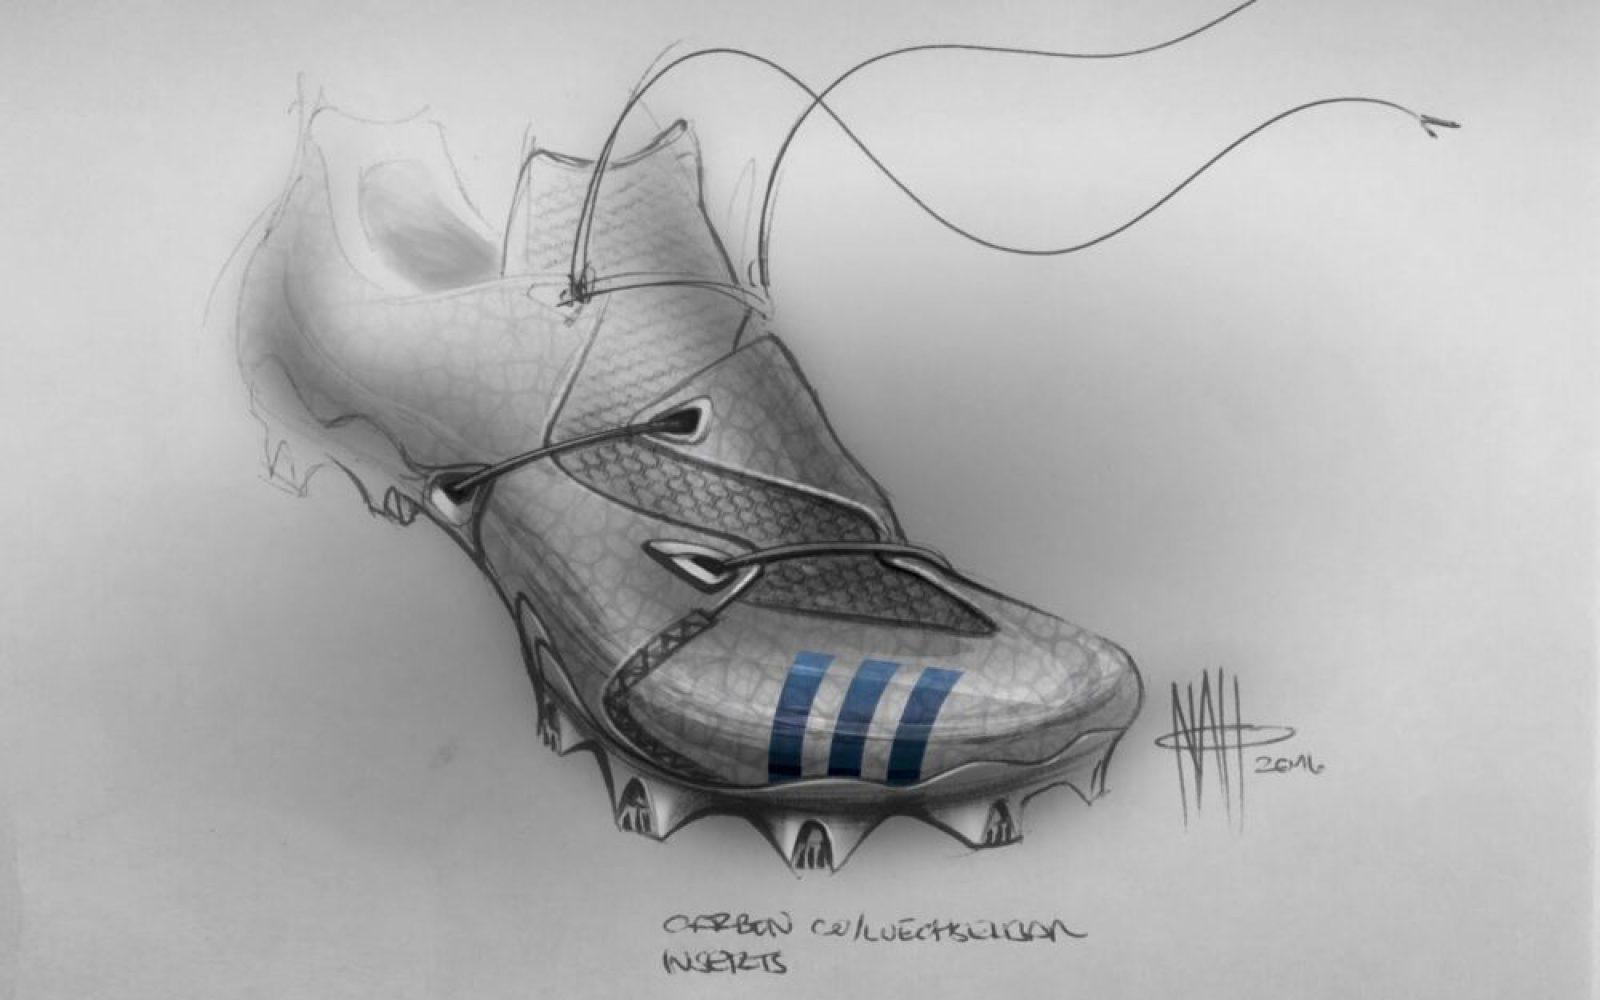 Adidas footwear design sketch - Noah Sussman